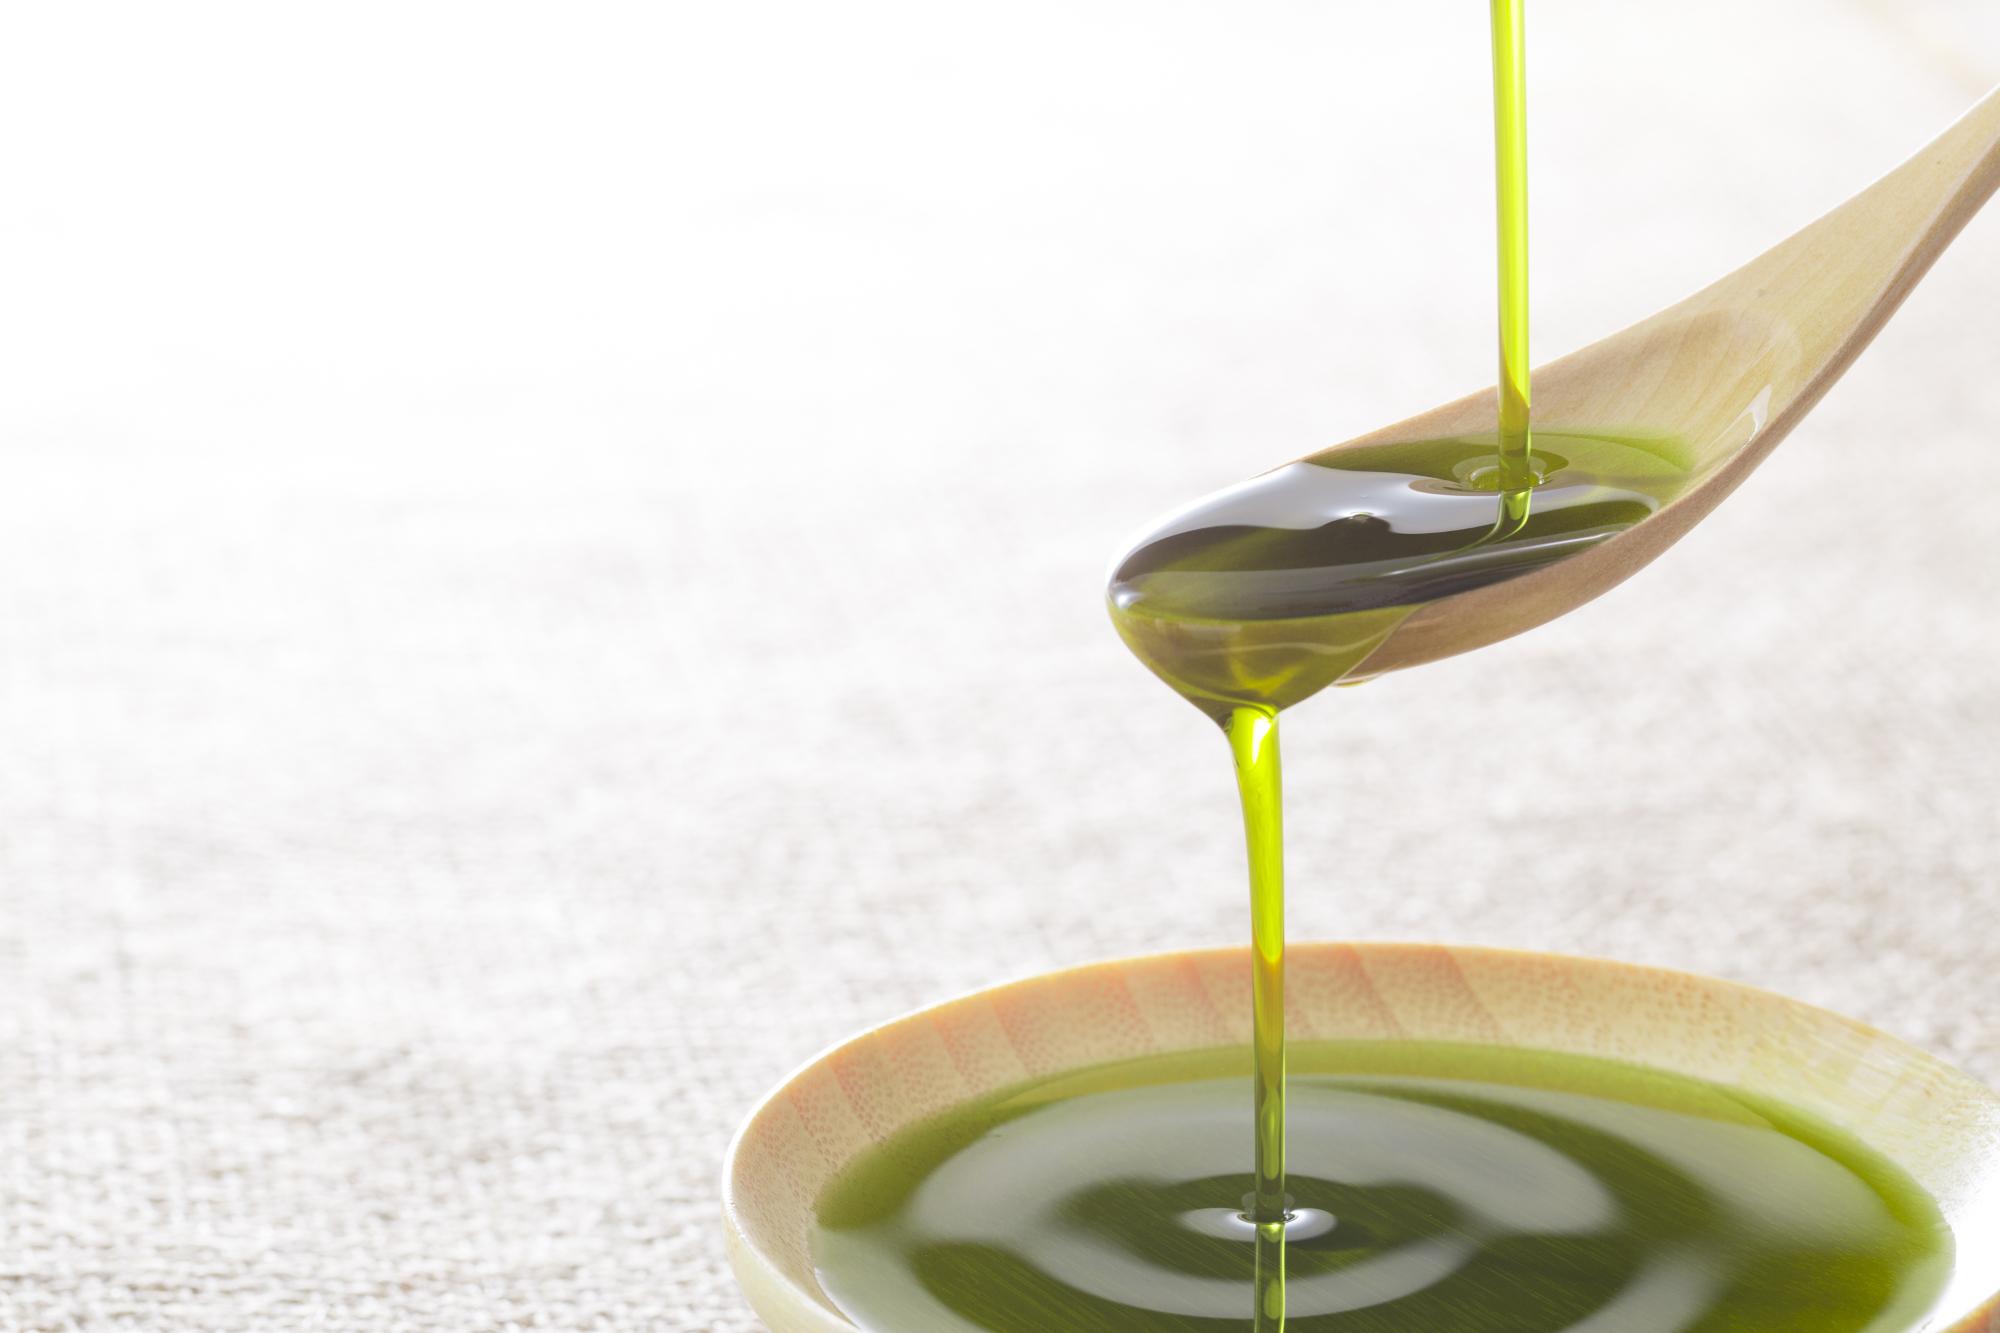 schoonmaken natuurlijke schoonmaakmiddelen groene zeep soda baksoda heet water koffiedik citroen azijn